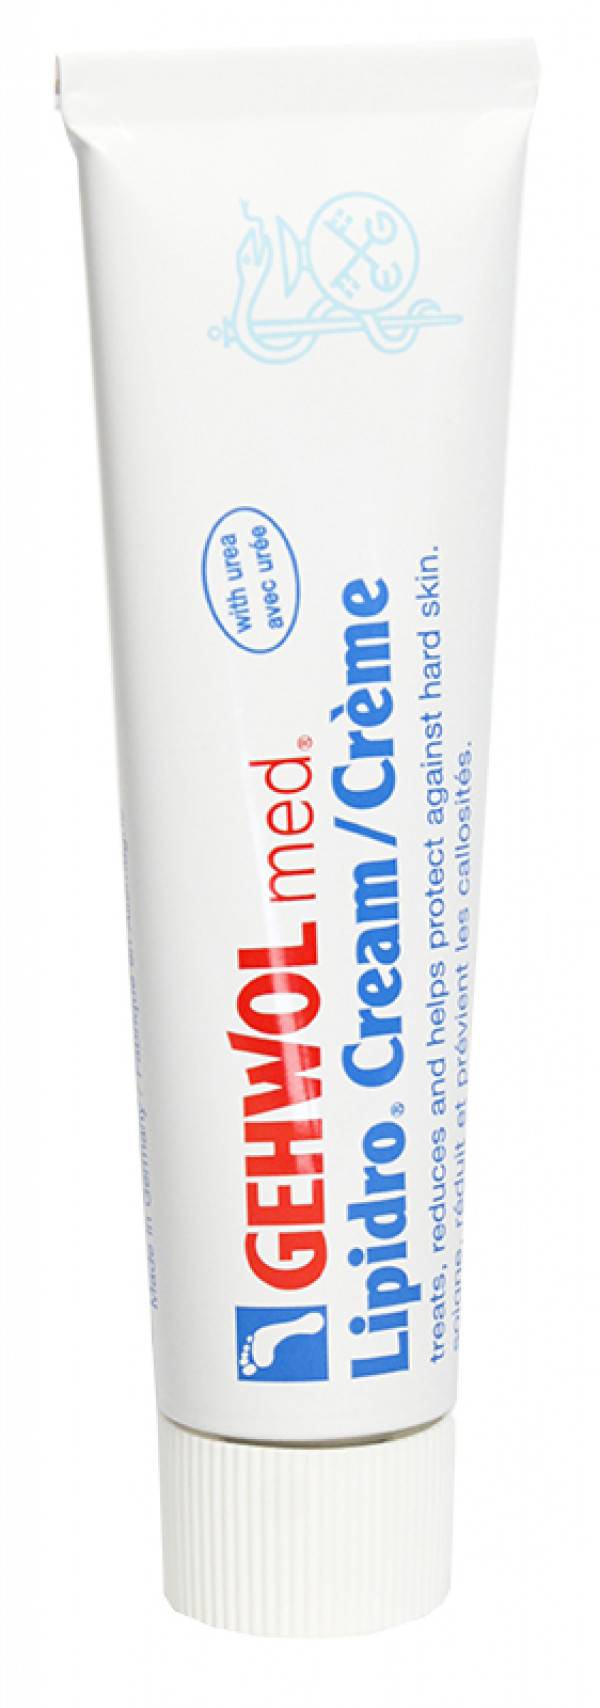 GEHWOL Lipidro Creme, 75 ml